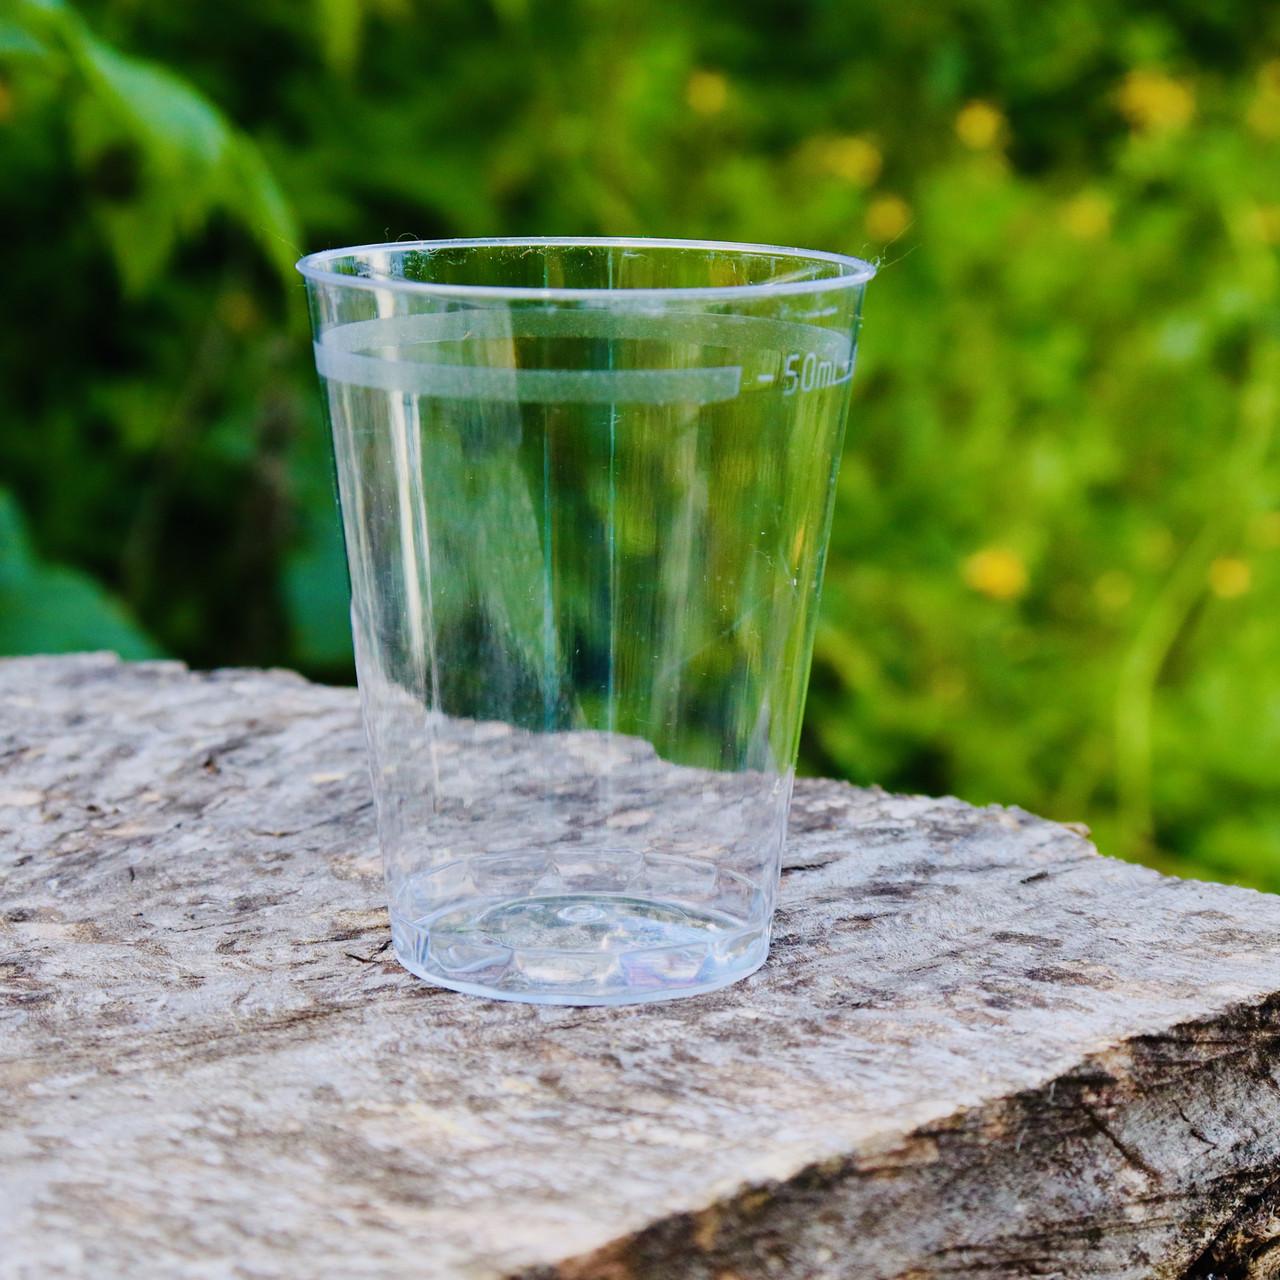 Рюмки пластиковые 6 шт/уп 50 мл прозрачные 5.5х4.5 см, Украина